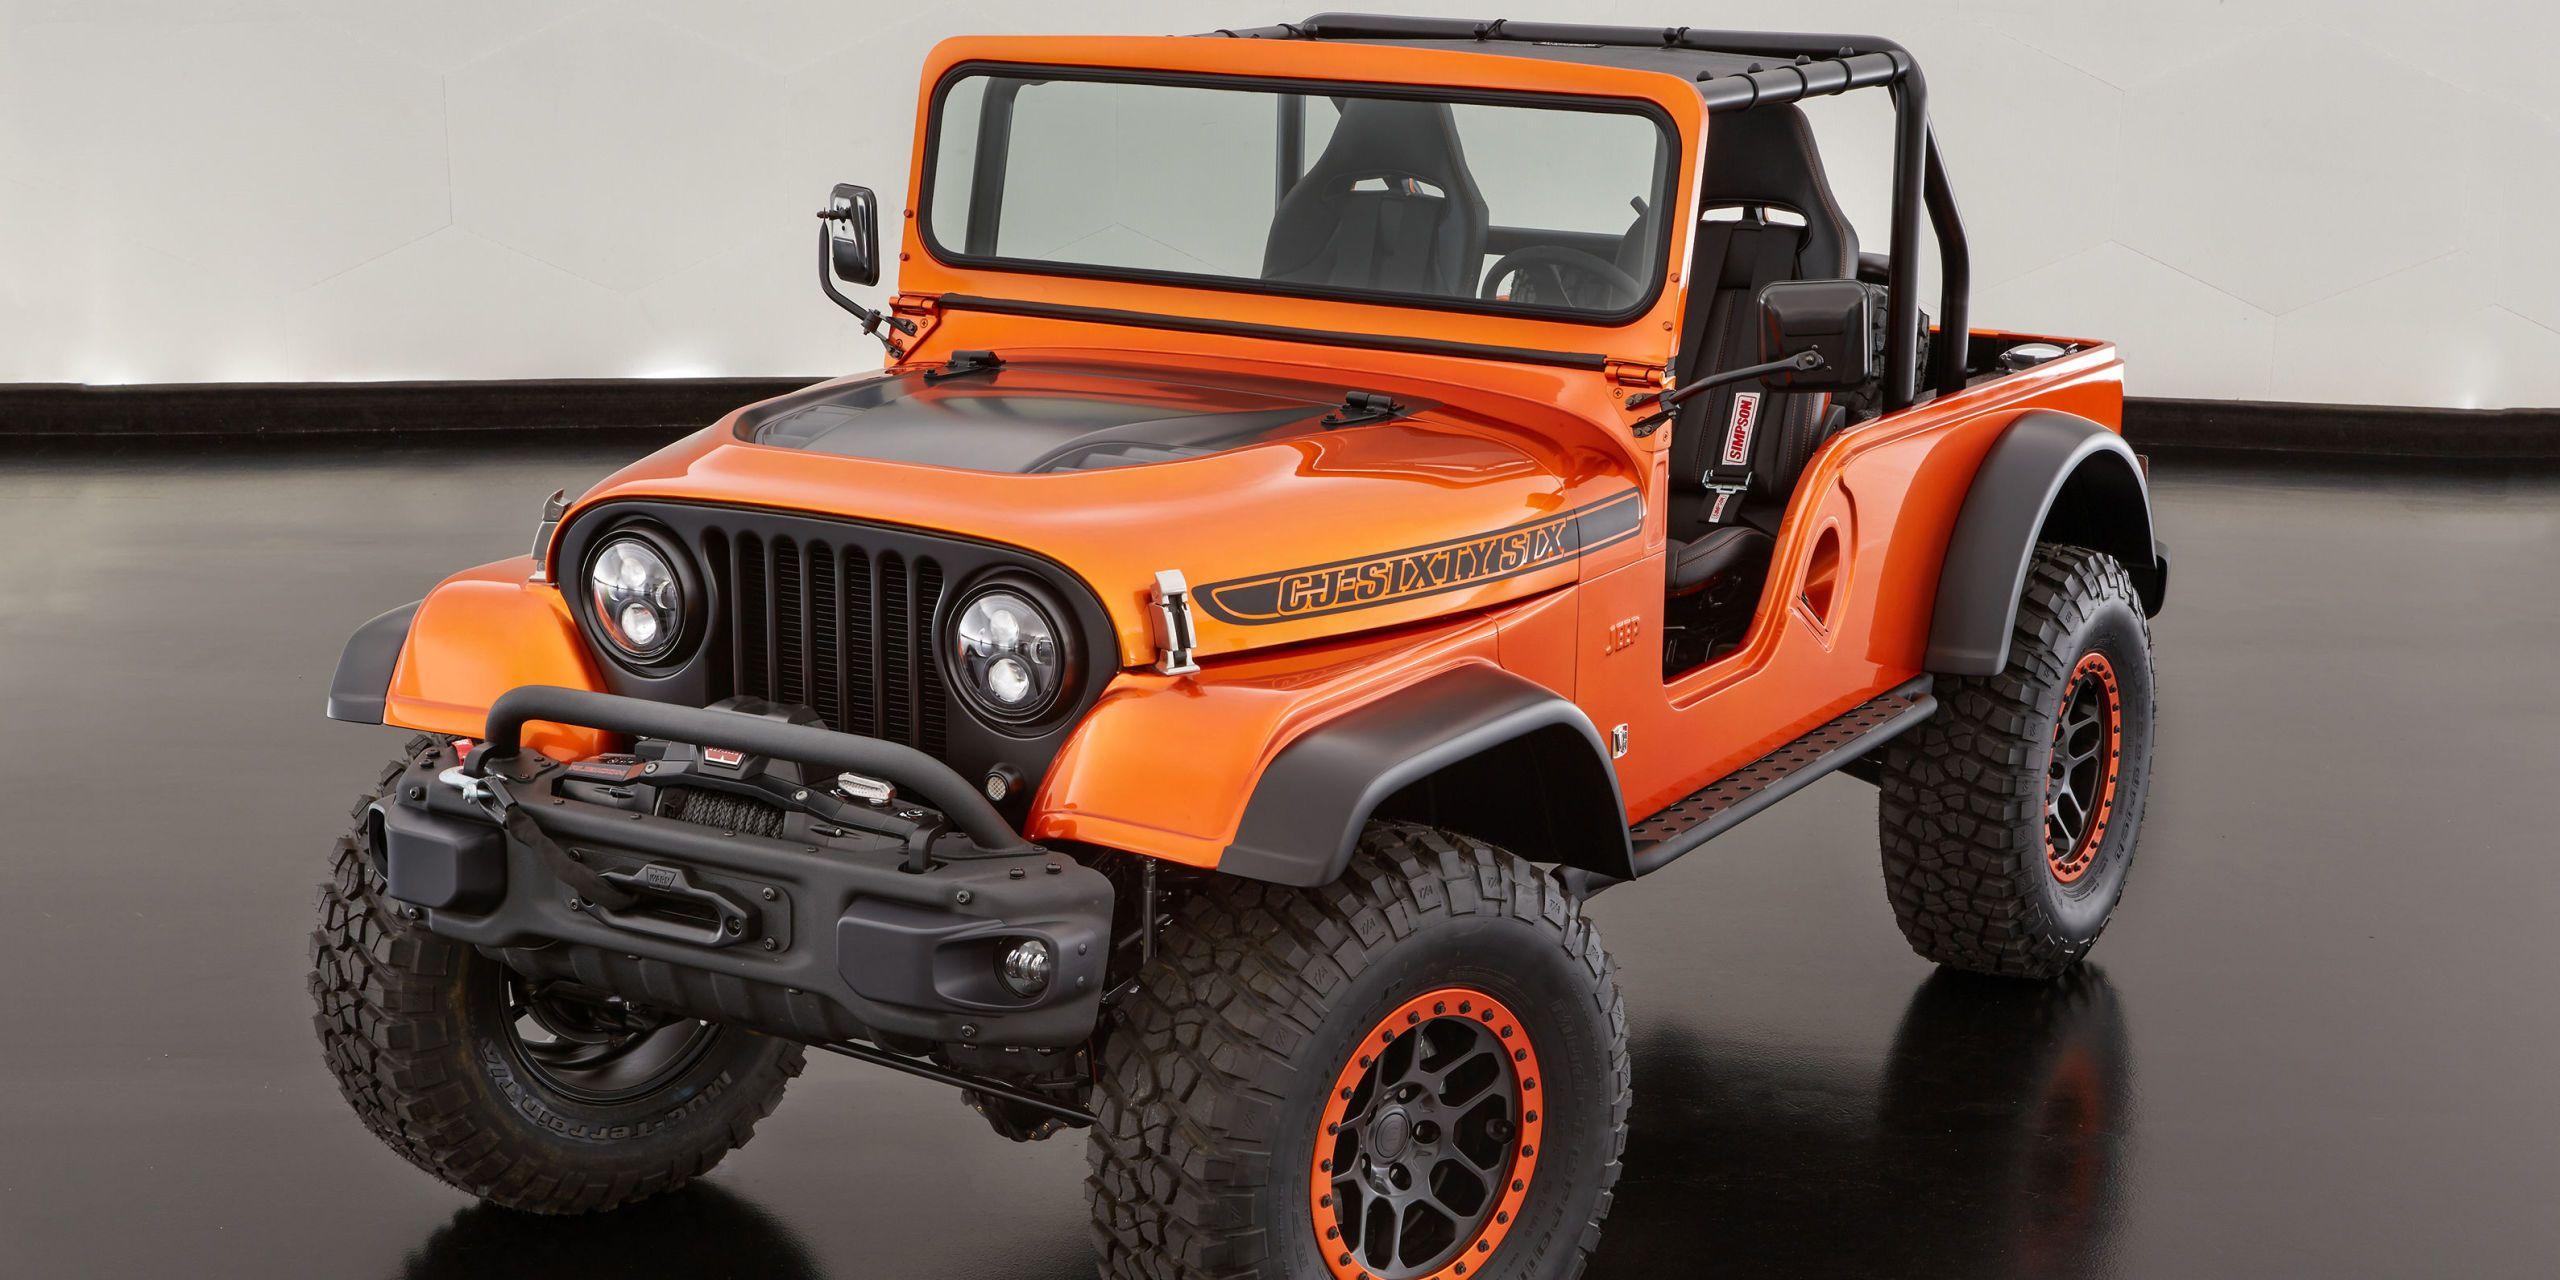 New Jeep Wrangler Concept Sema Offroad 4x4